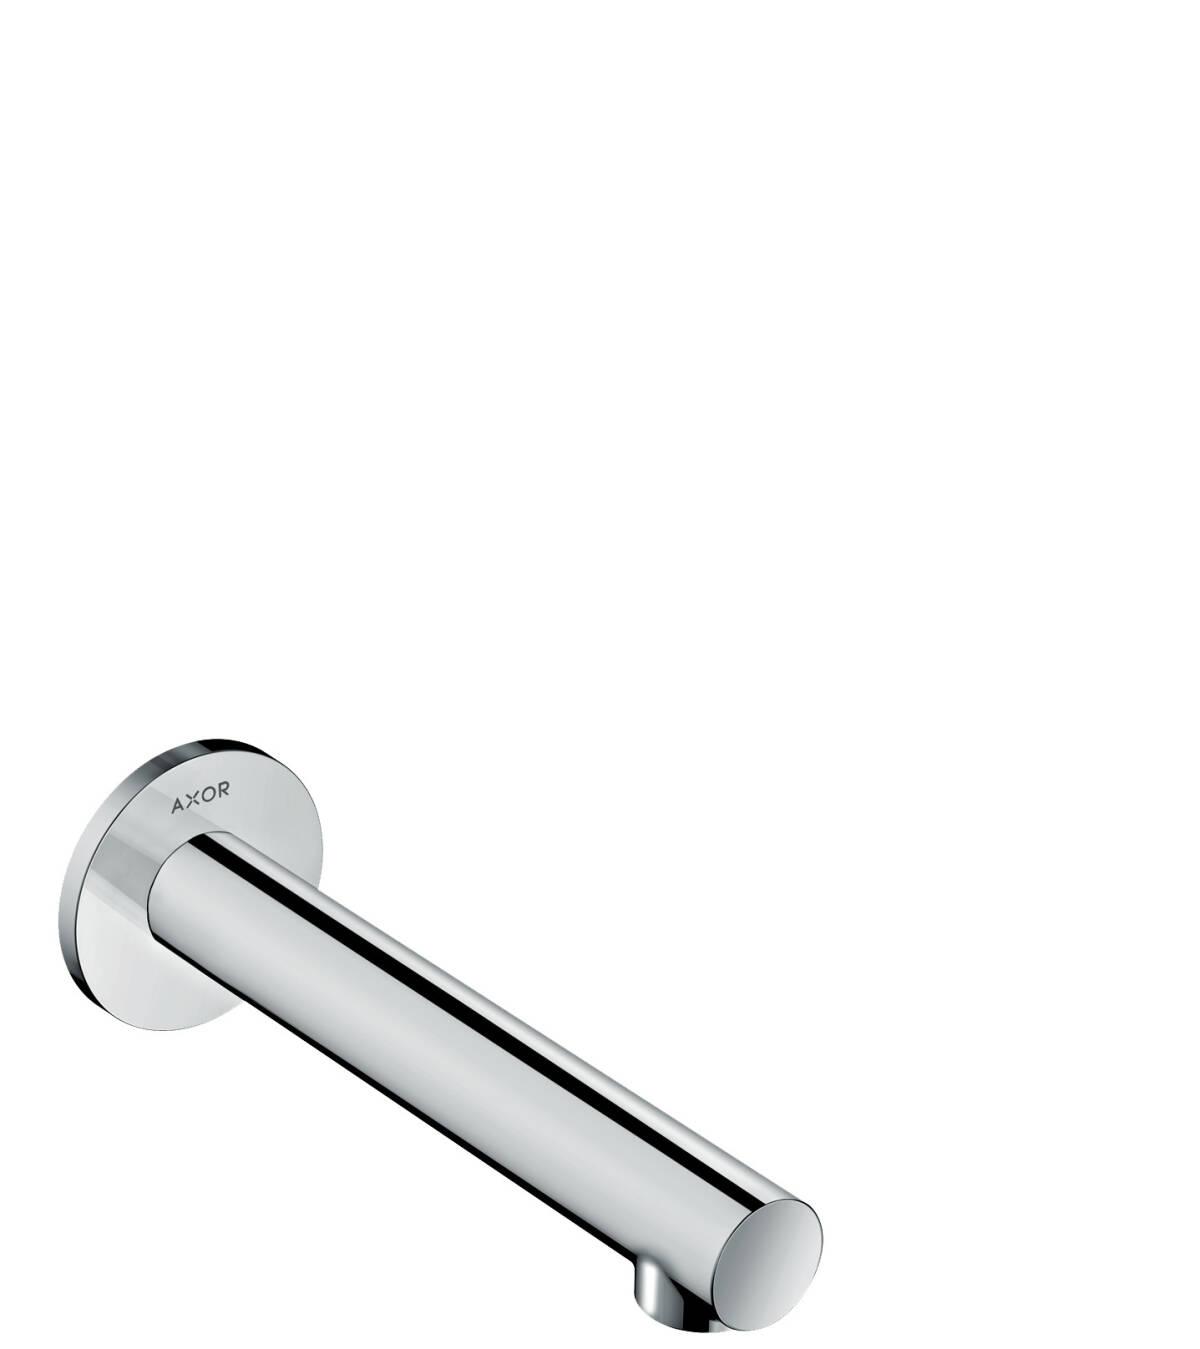 Caño de bañera recto, color acero, 45410800